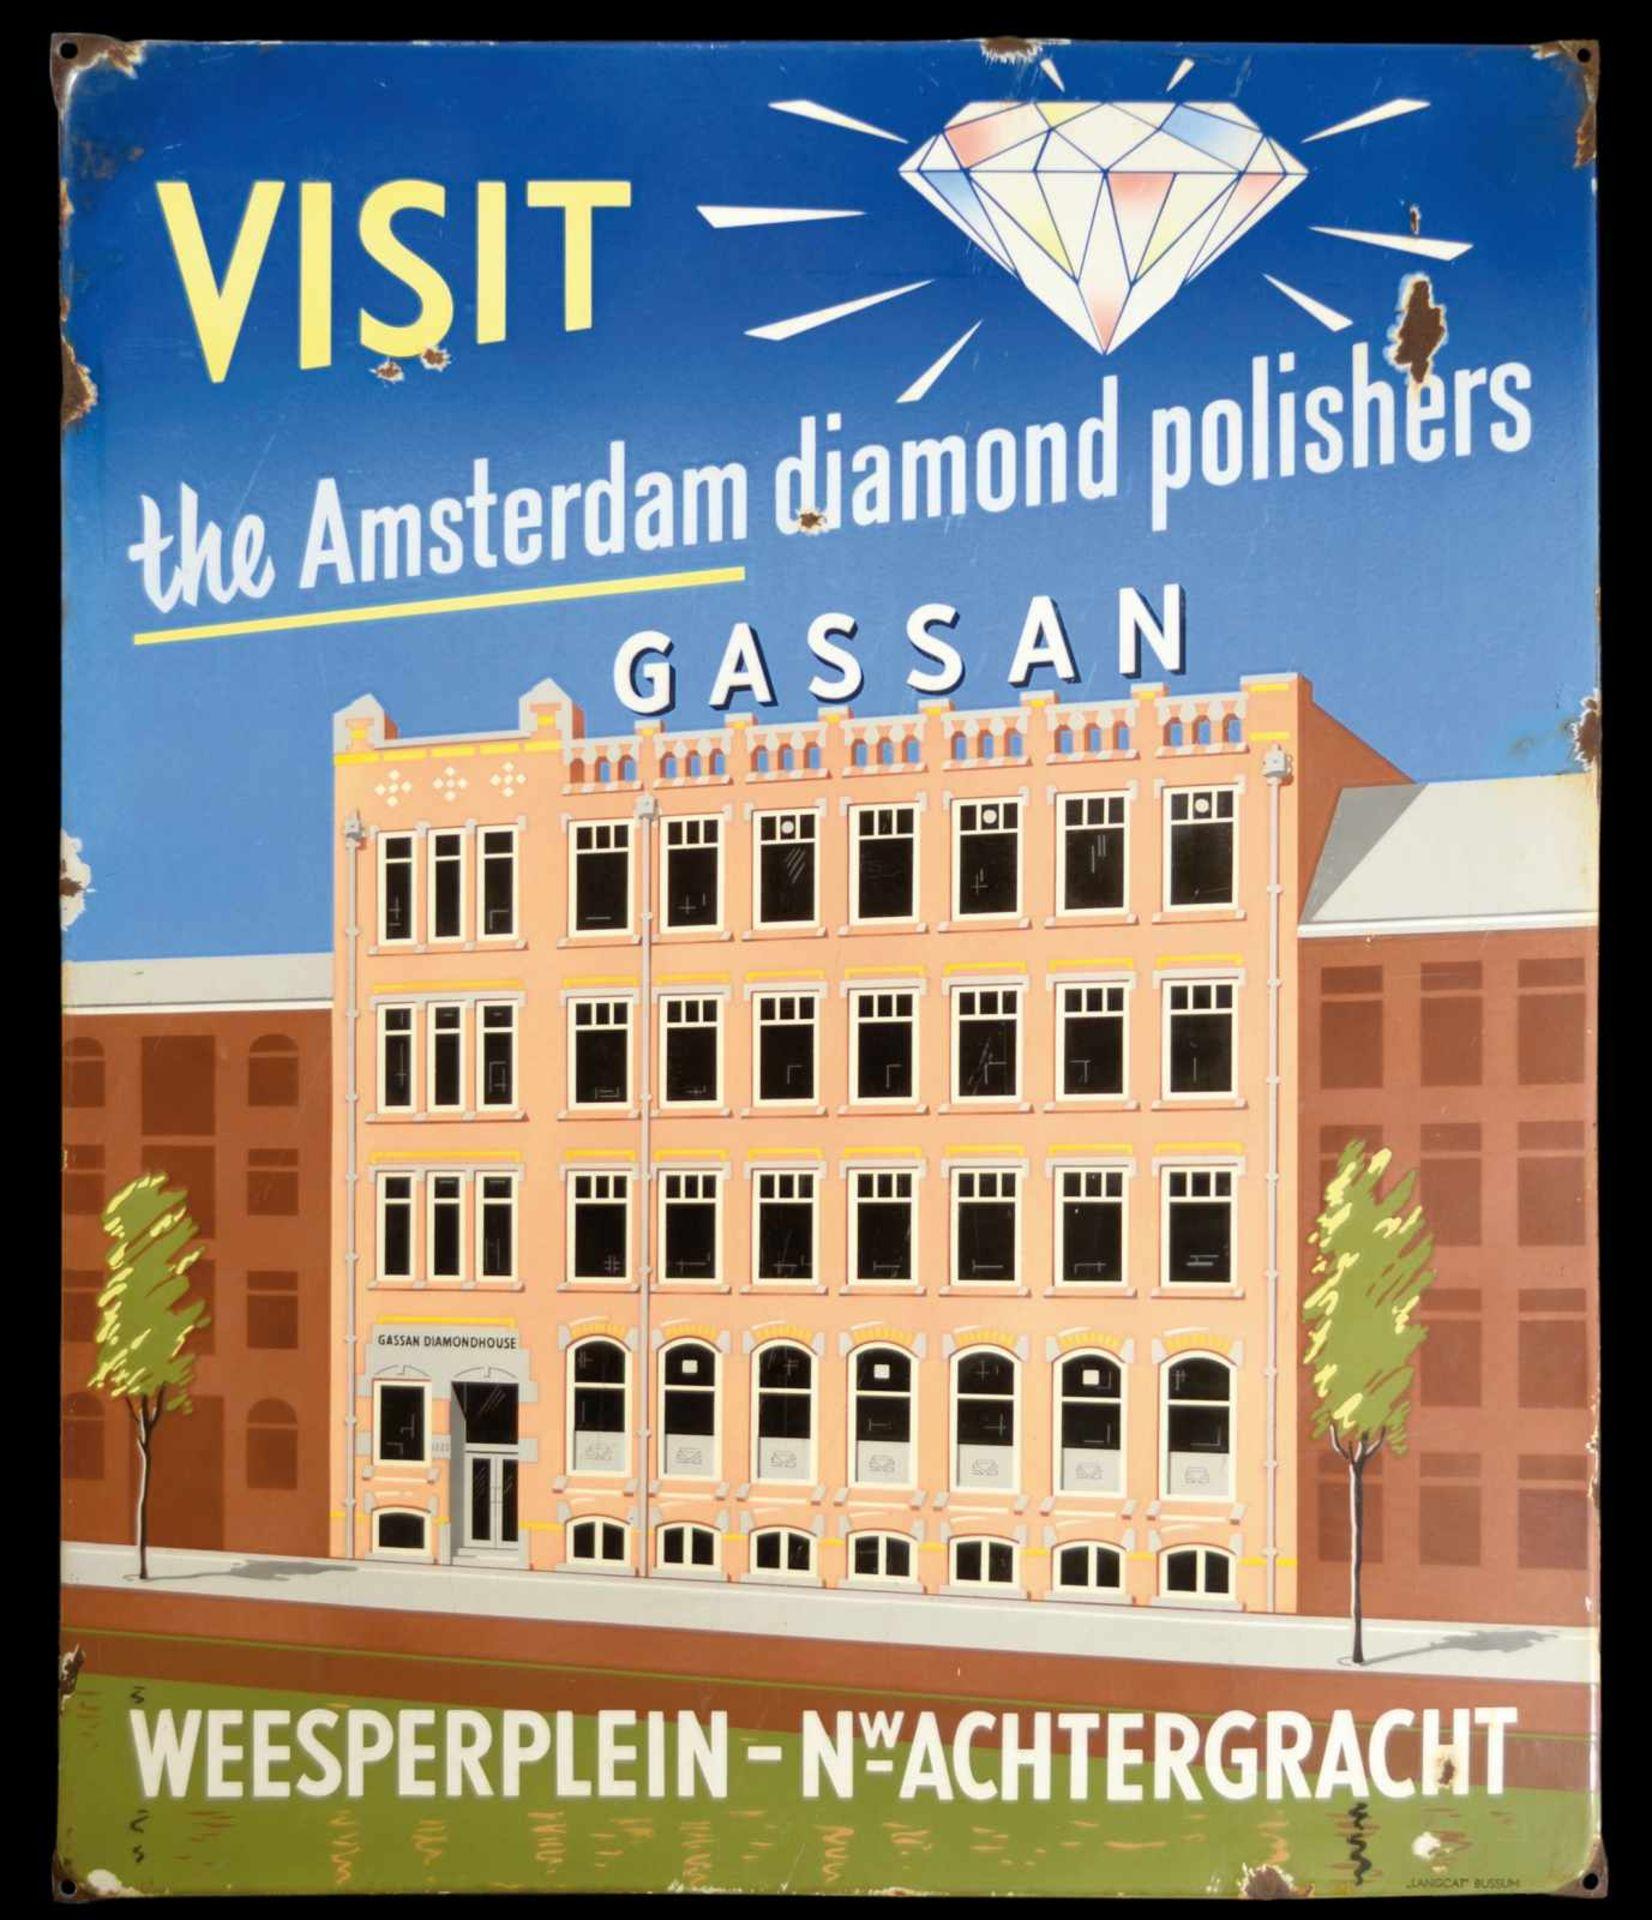 GASSAN DIAMOND POLISHERS (2) Emailschild, abgekantet, schabloniert und lithographiert, Amsterdam/